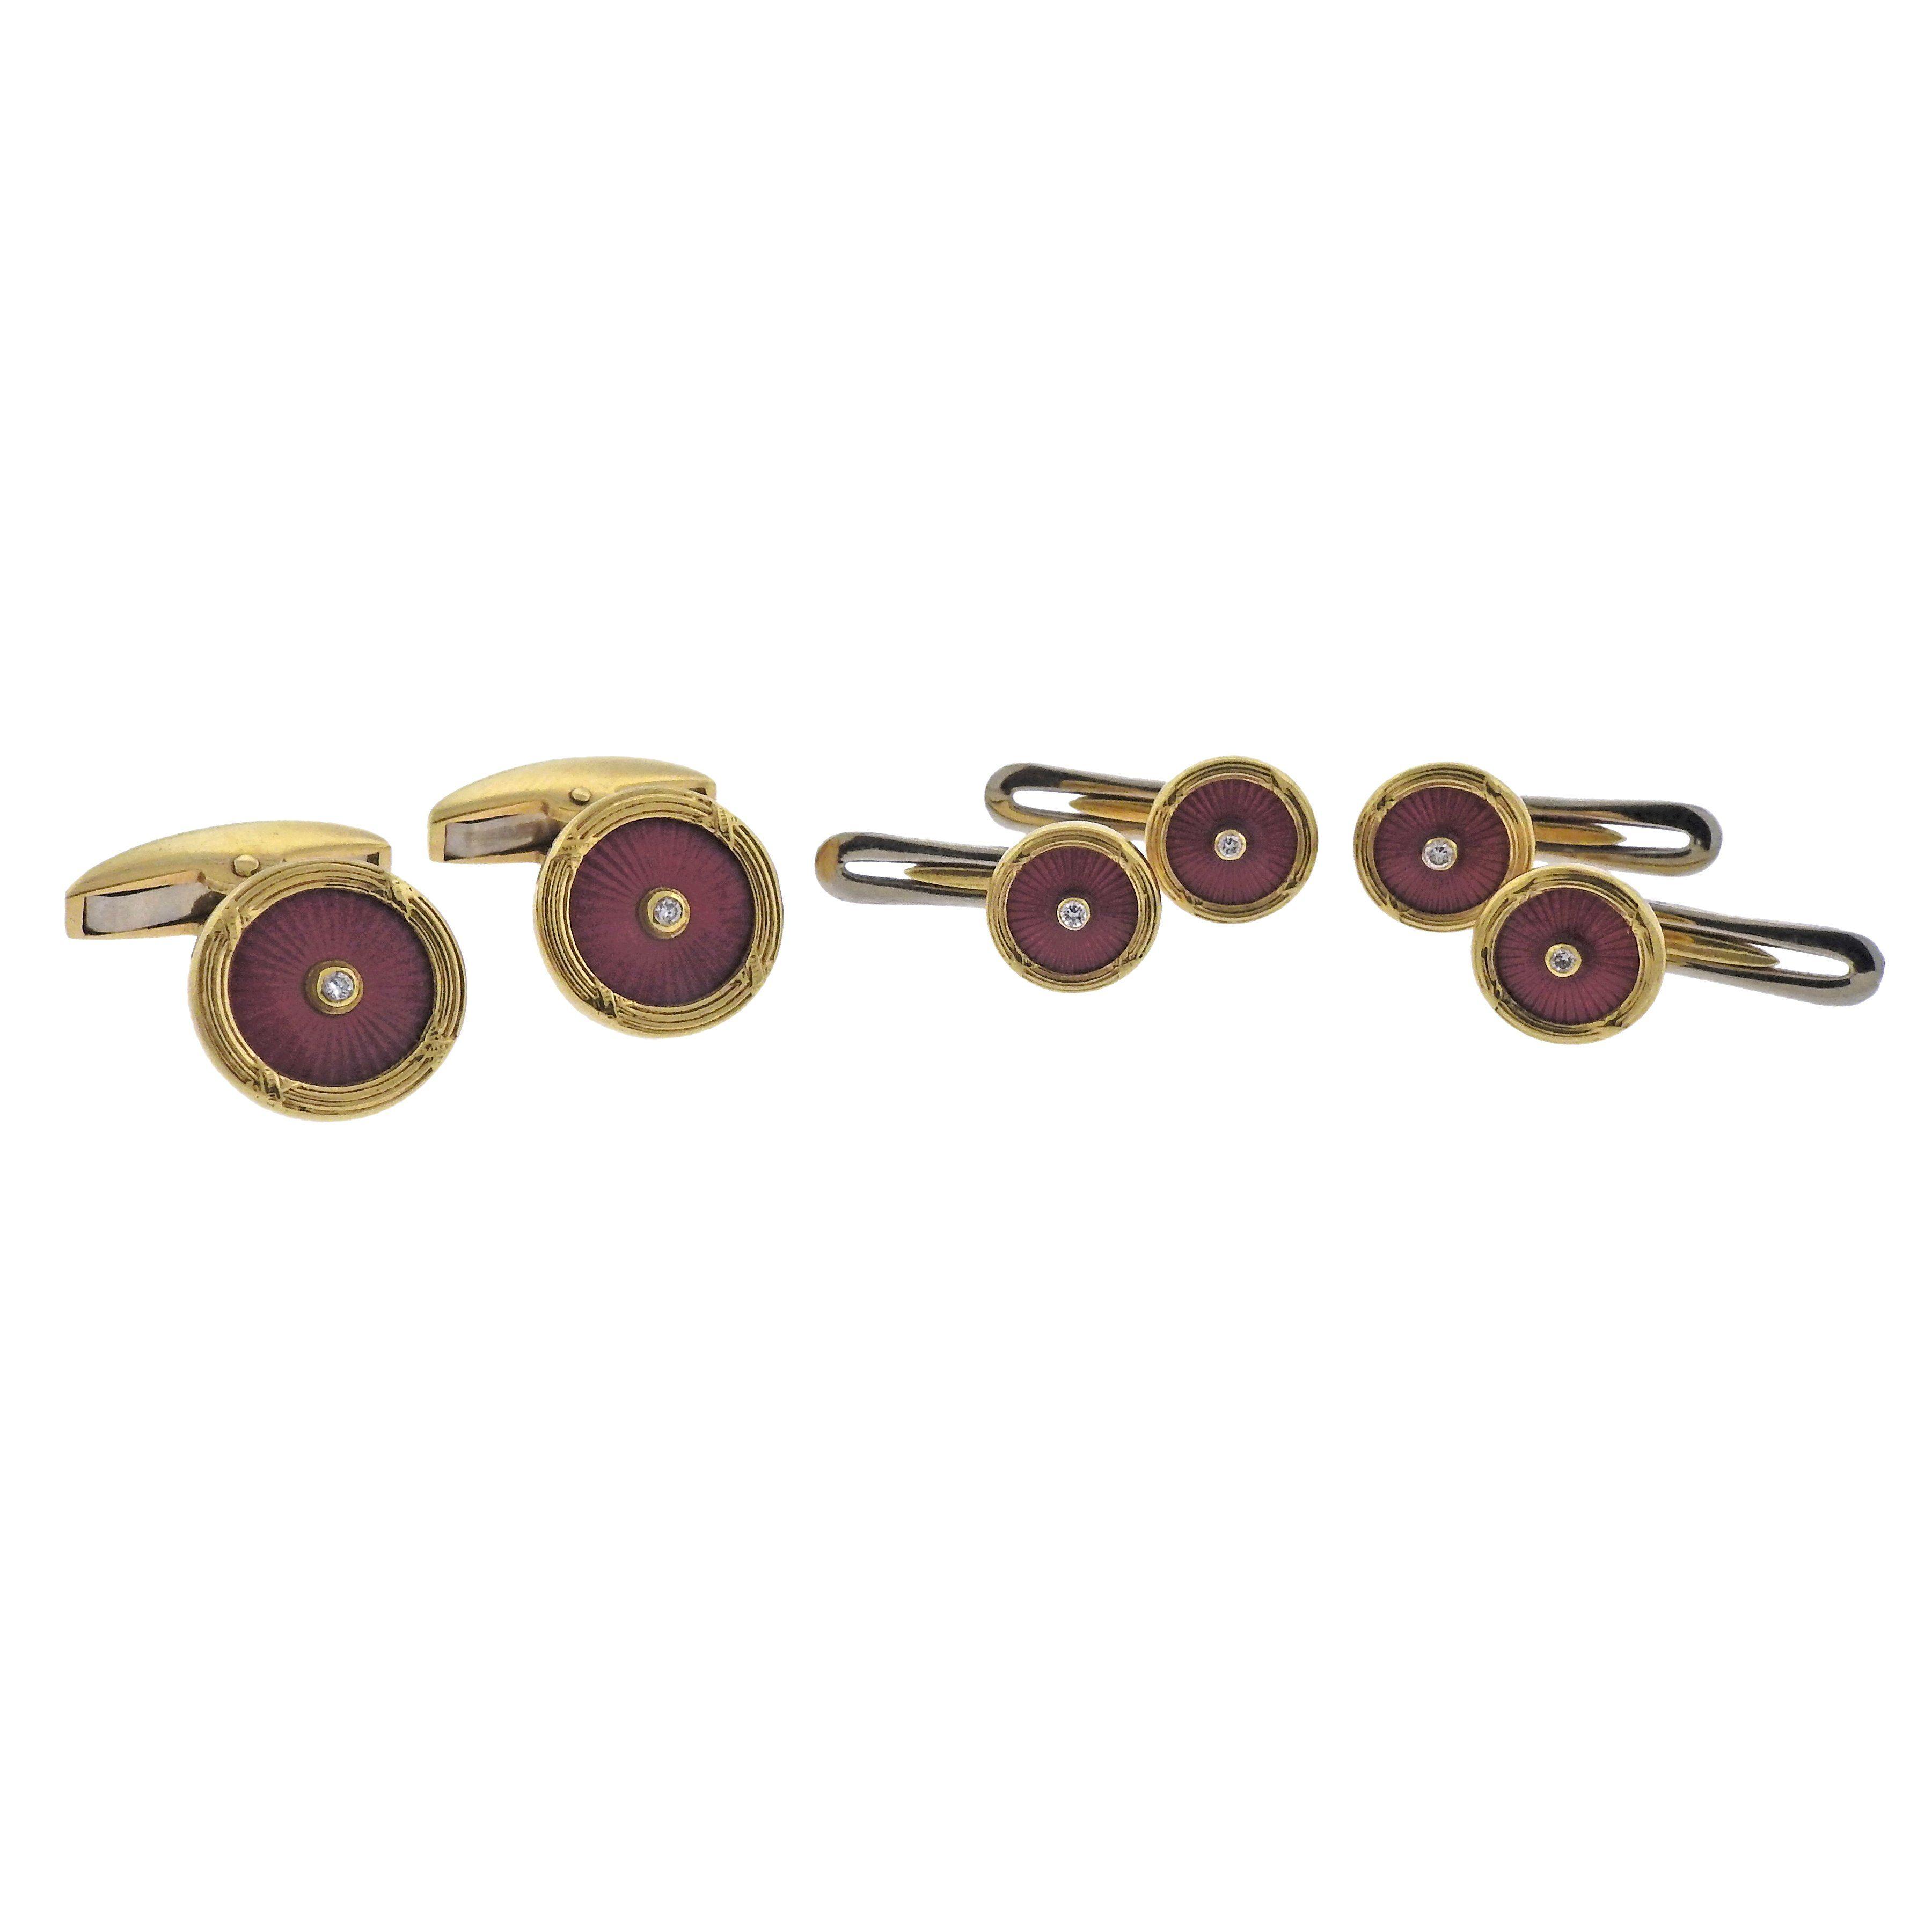 Deakin & Francis Gold Enamel Diamond Cufflinks Studs Set